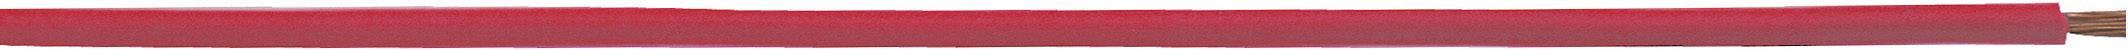 Opletenie / lanko LappKabel 4510013 H05V-K, 1 x 1 mm², vonkajší Ø 2.60 mm, 100 m, čierna